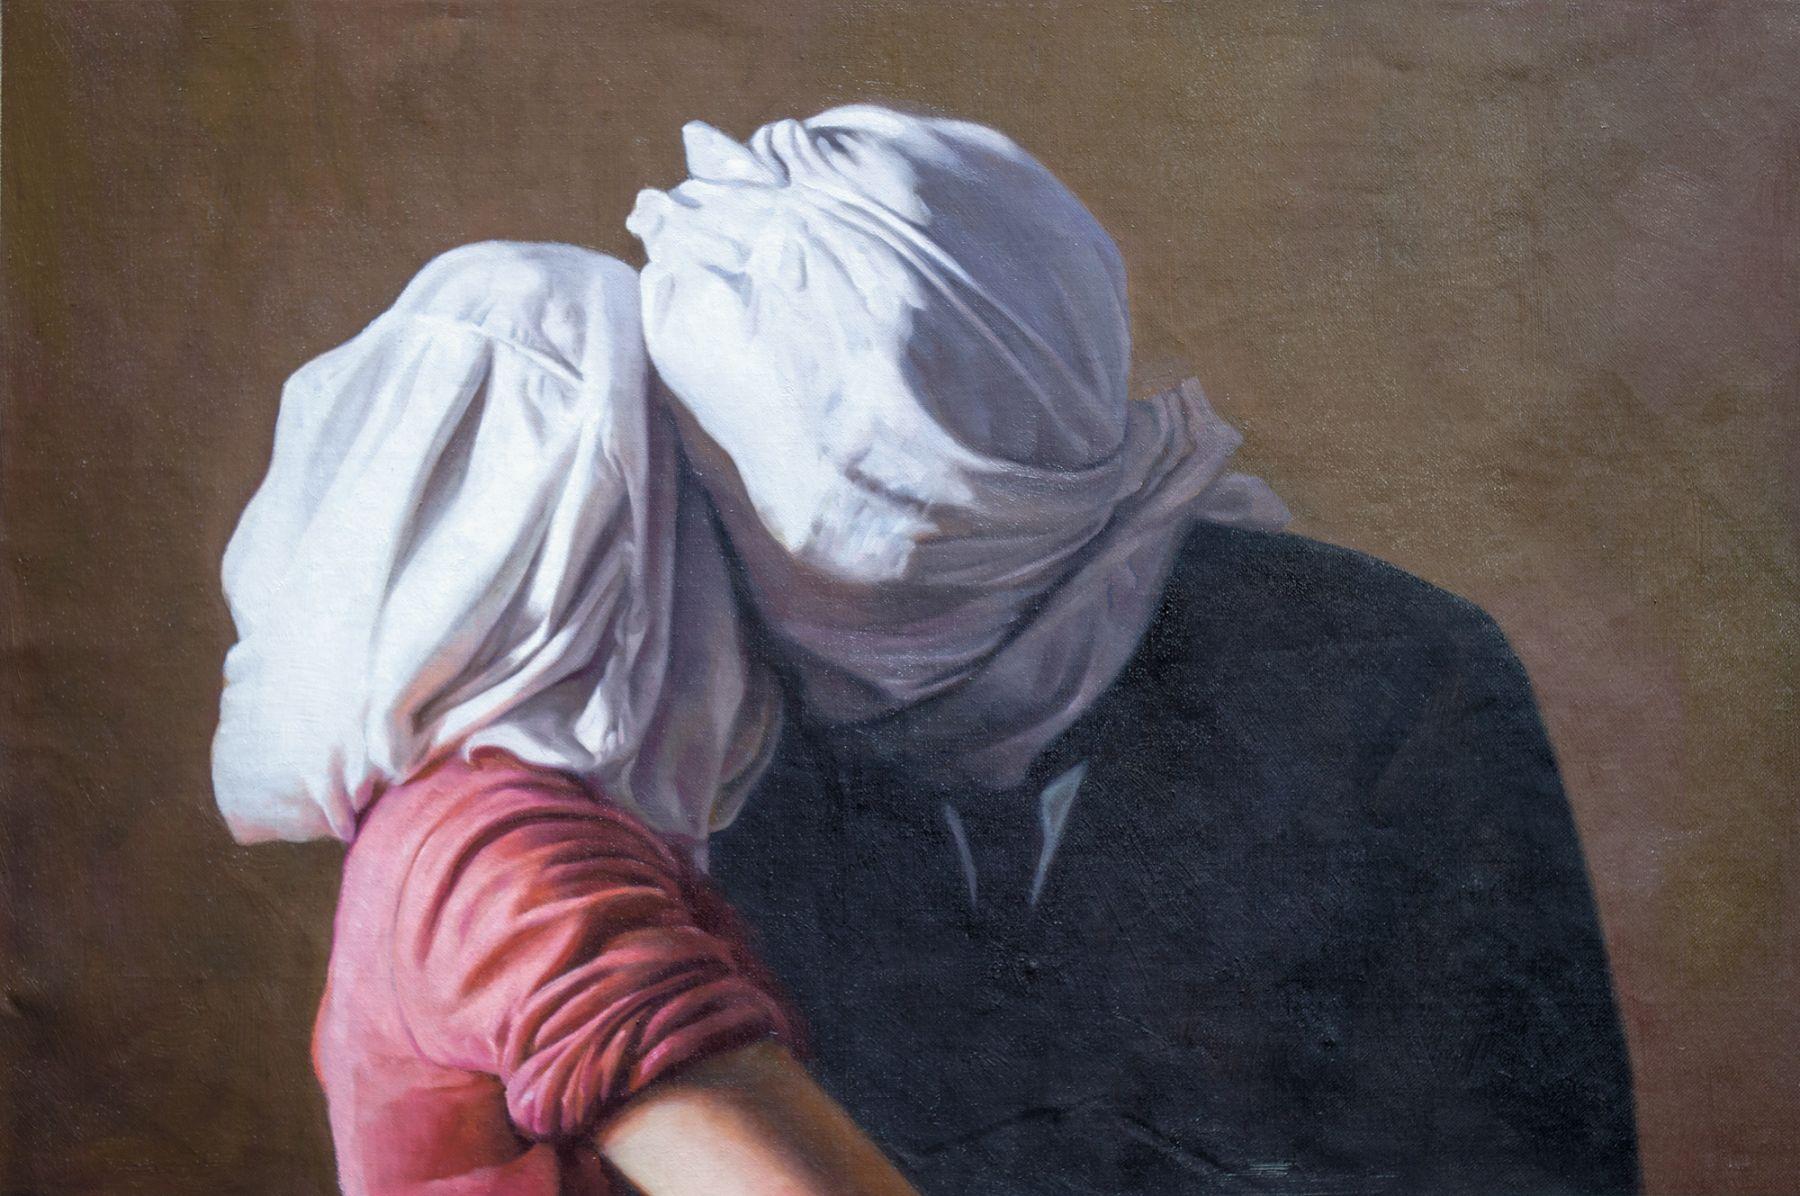 Christian Jankowski, Neue Malerei - Magritte II